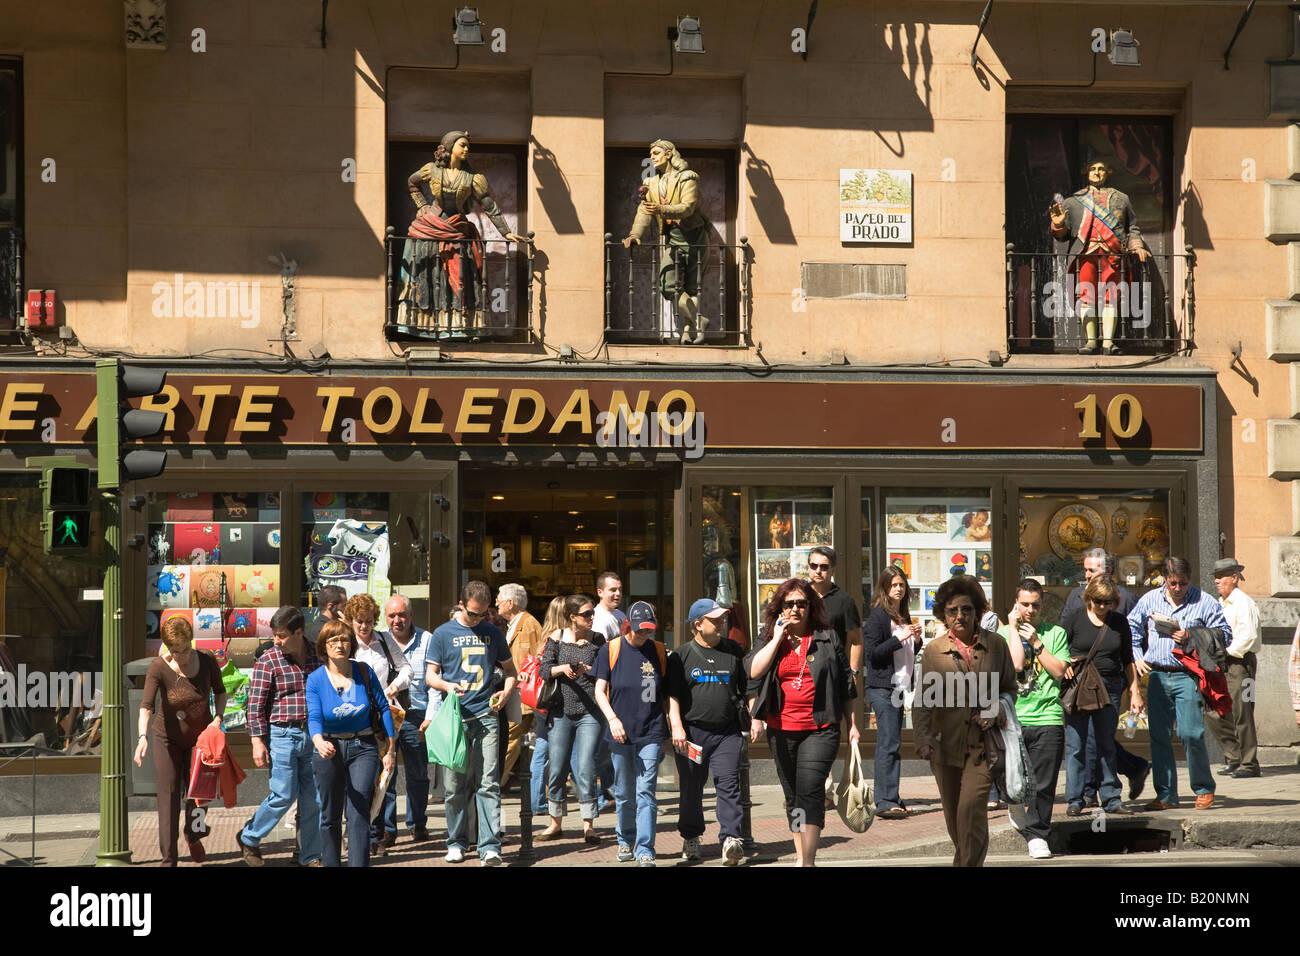 SPAIN Madrid Crowd of people in crosswalk of Paseo del Prado Statues in balconies of art store - Stock Image